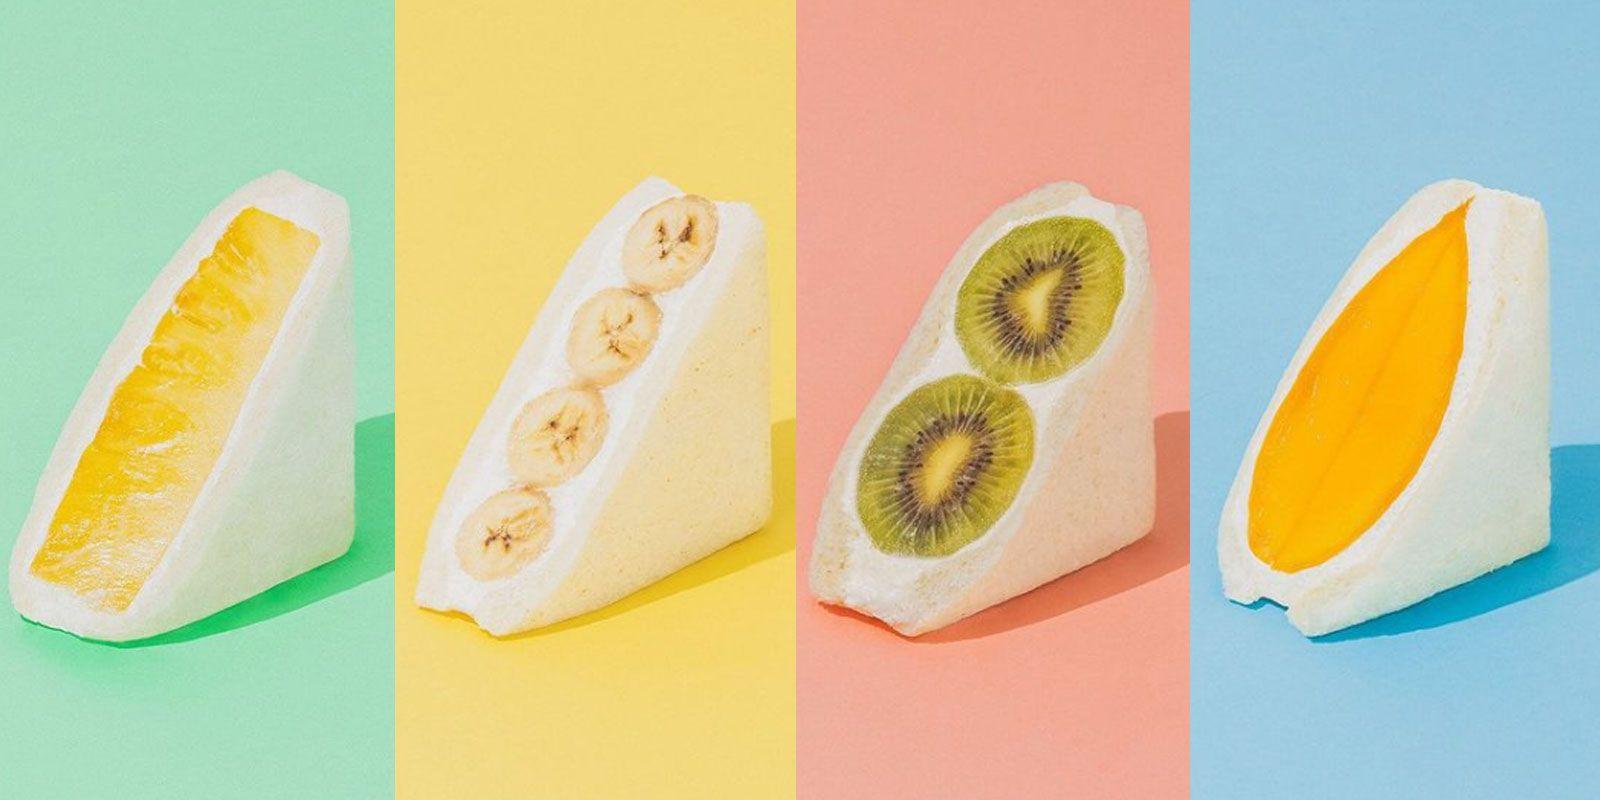 玉子 フルーツ 水晶